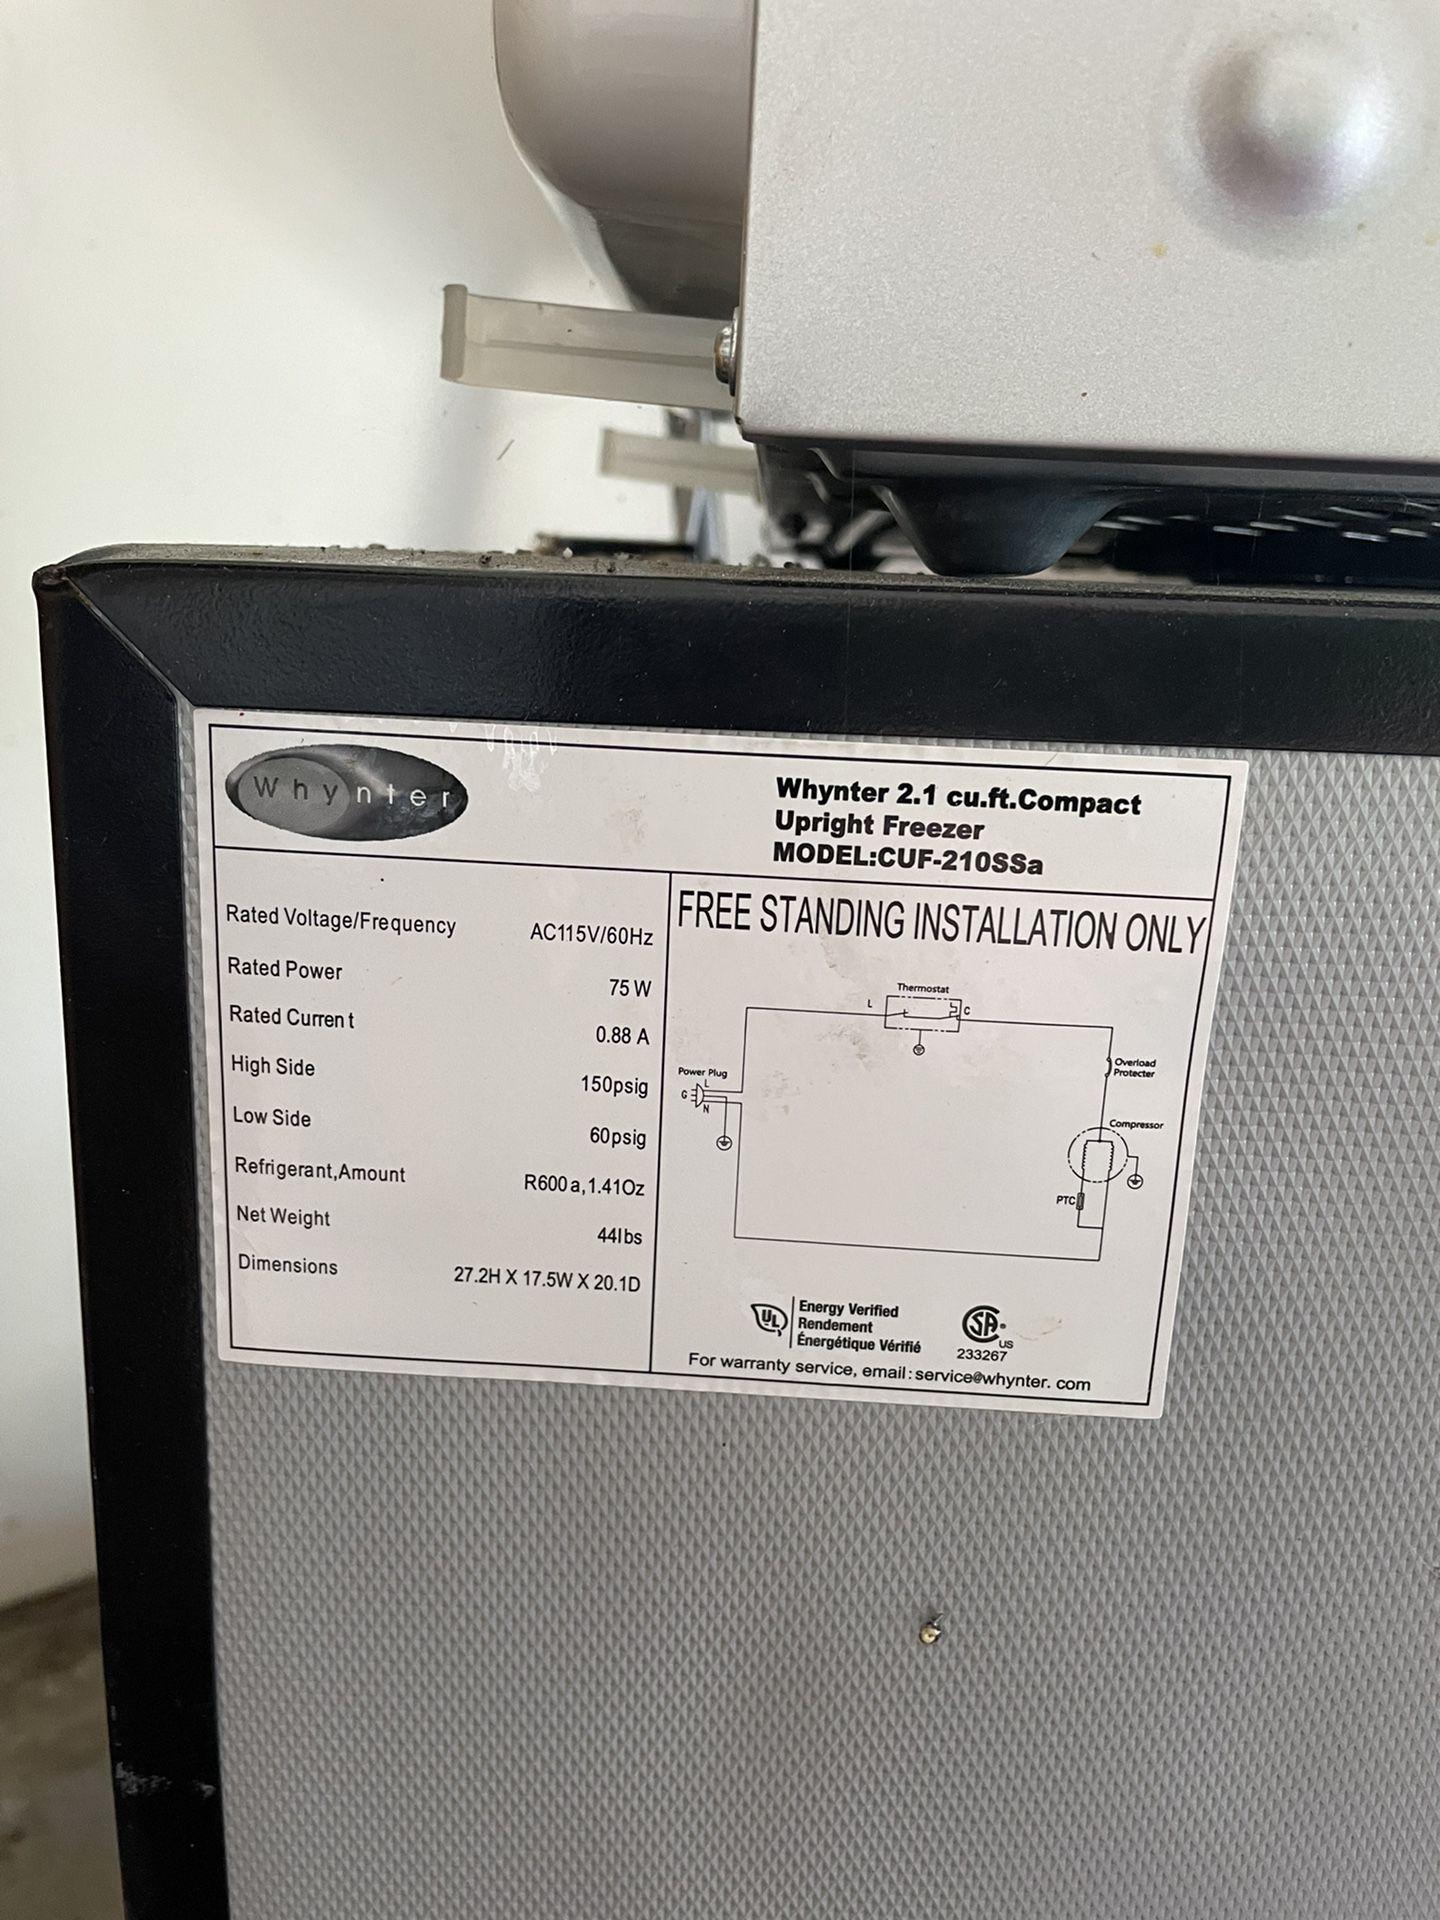 2.1 Cu.ft Upright Freezer